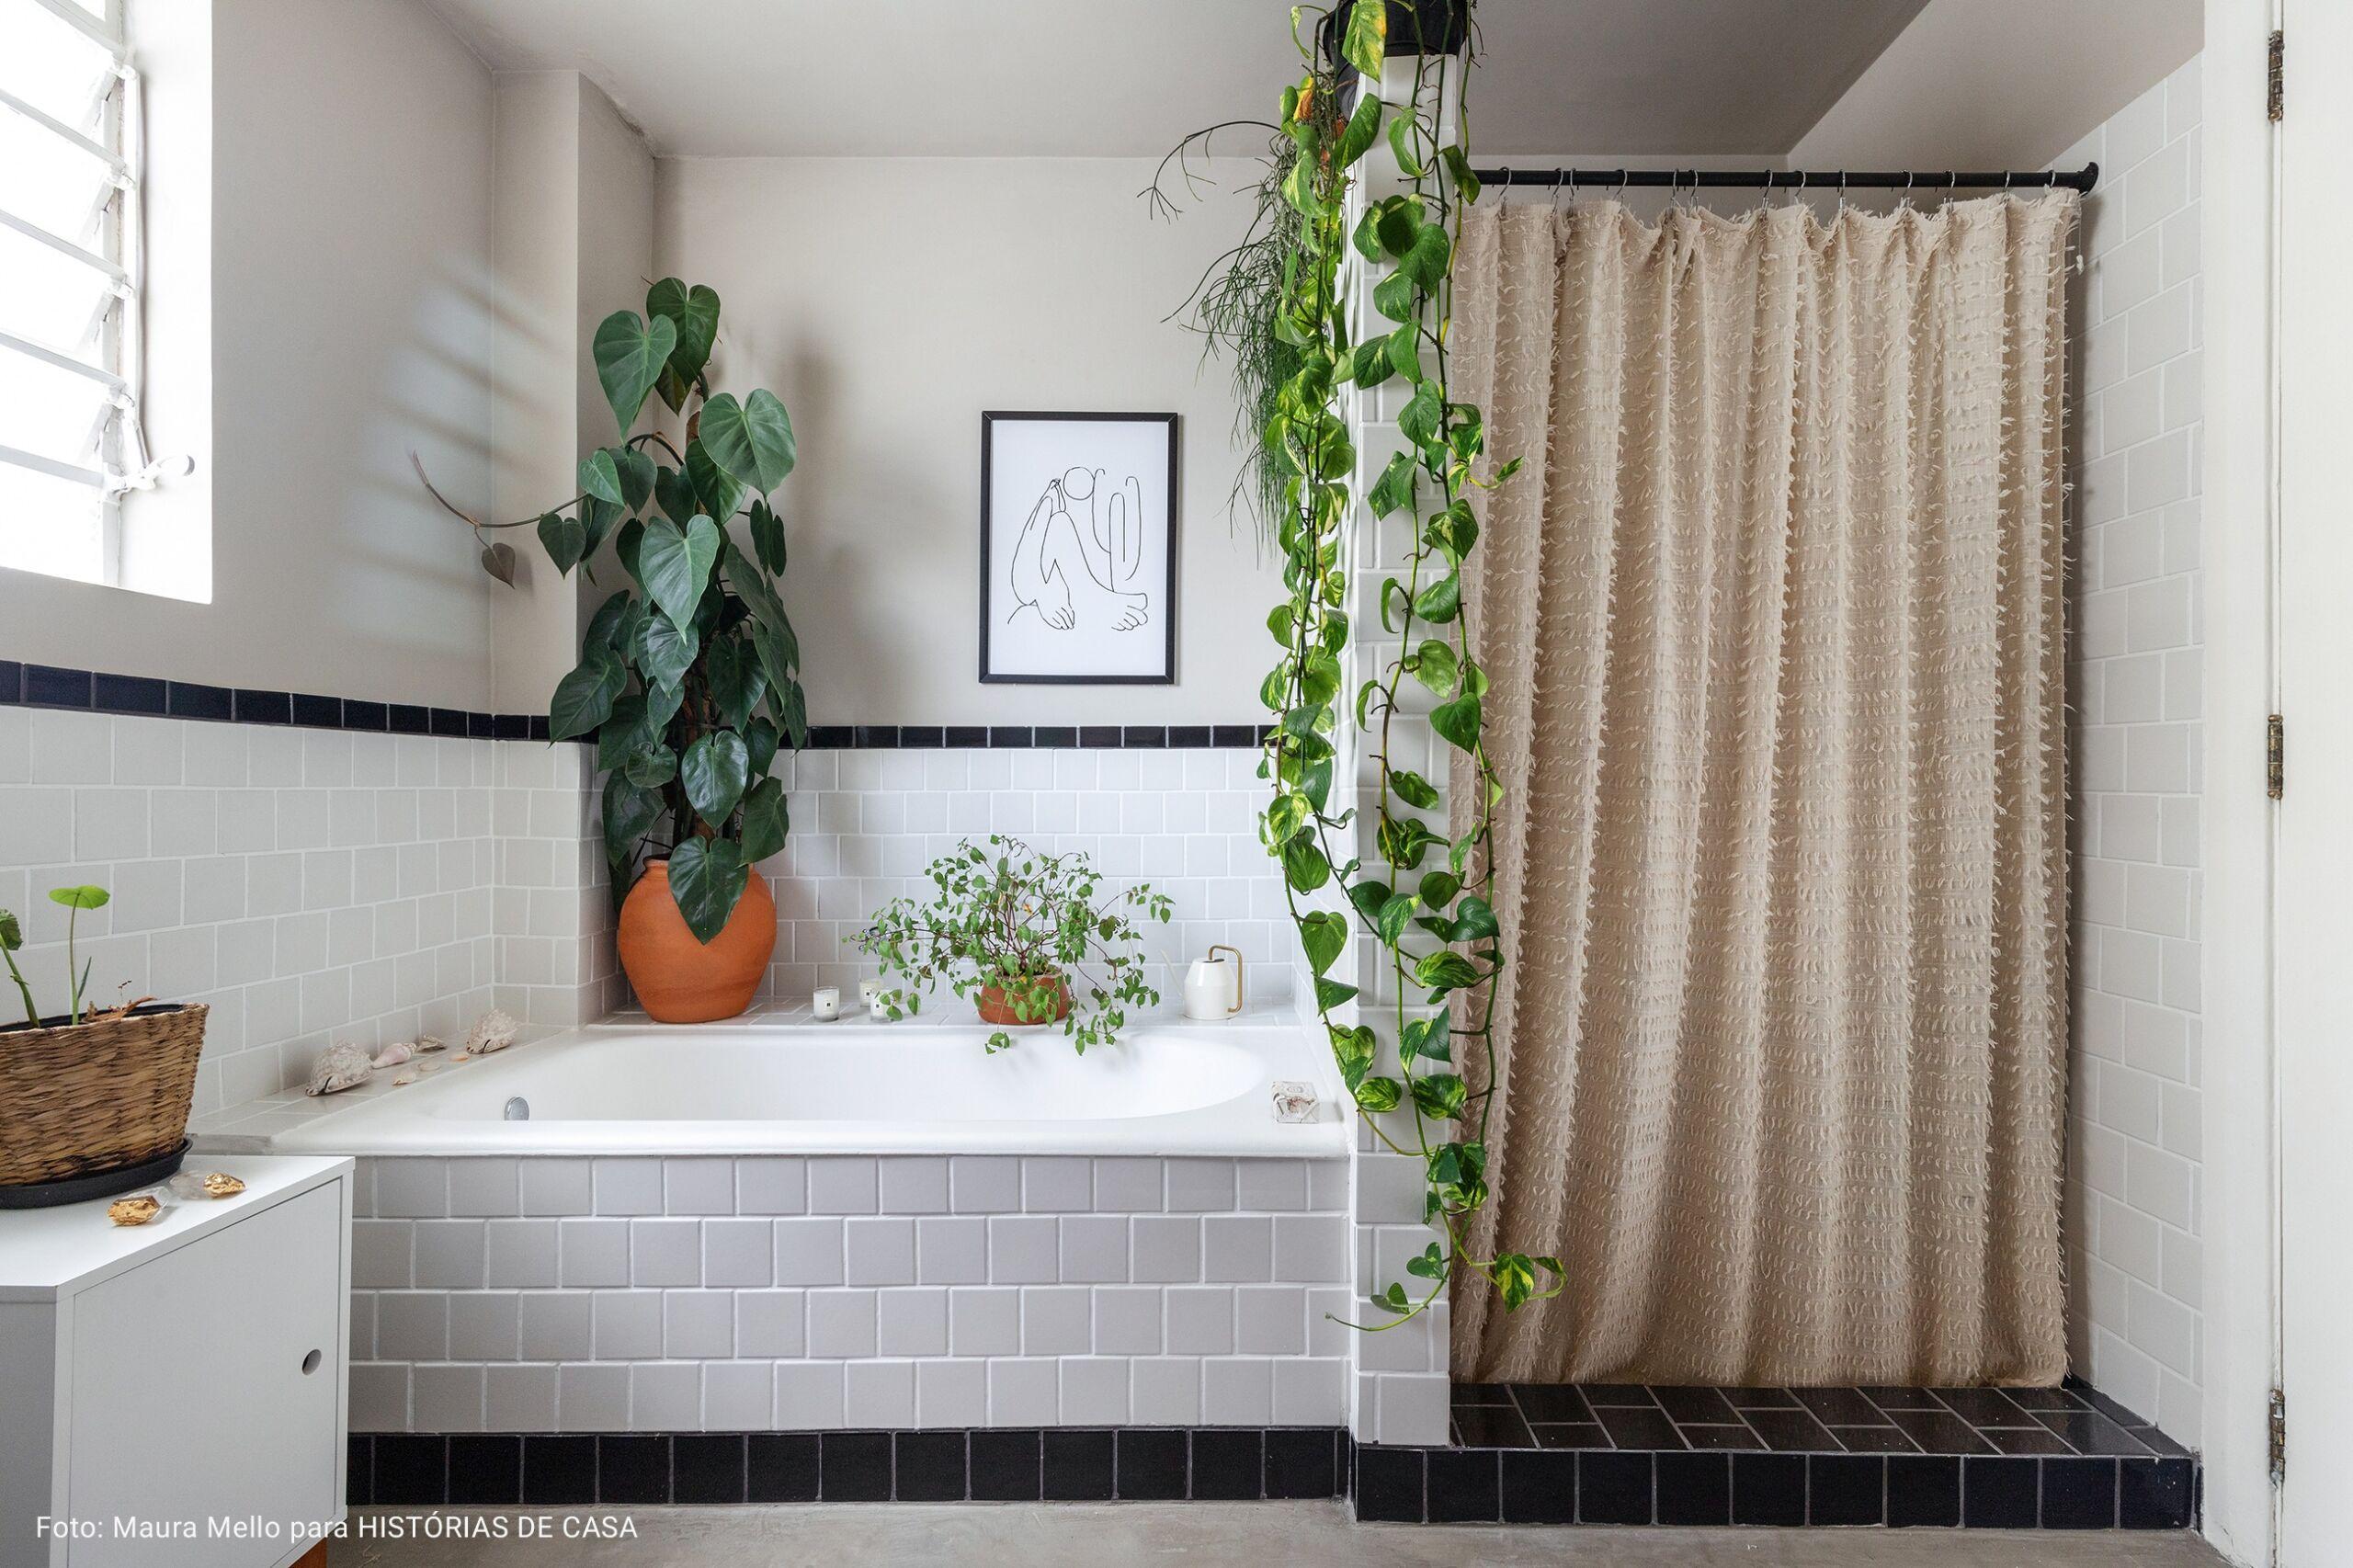 banheiro com banheira cinza